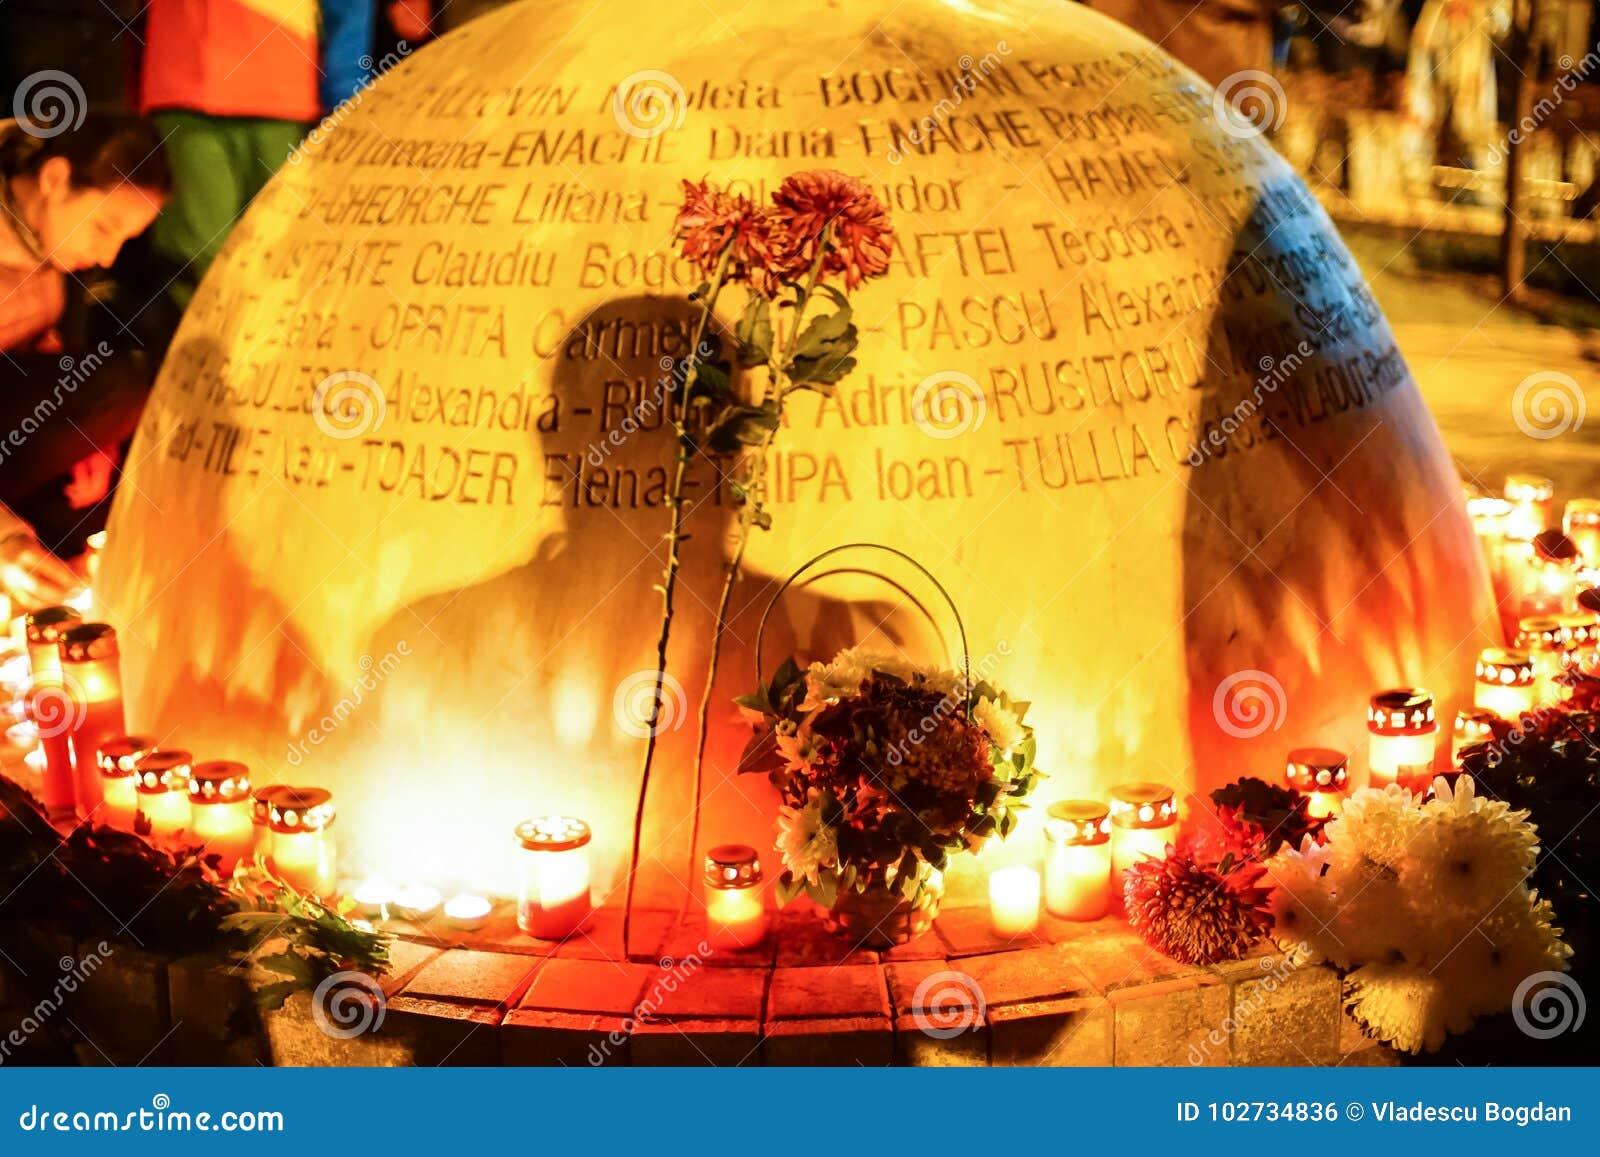 以记念Colectiv俱乐部悲剧受害者的纪念碑